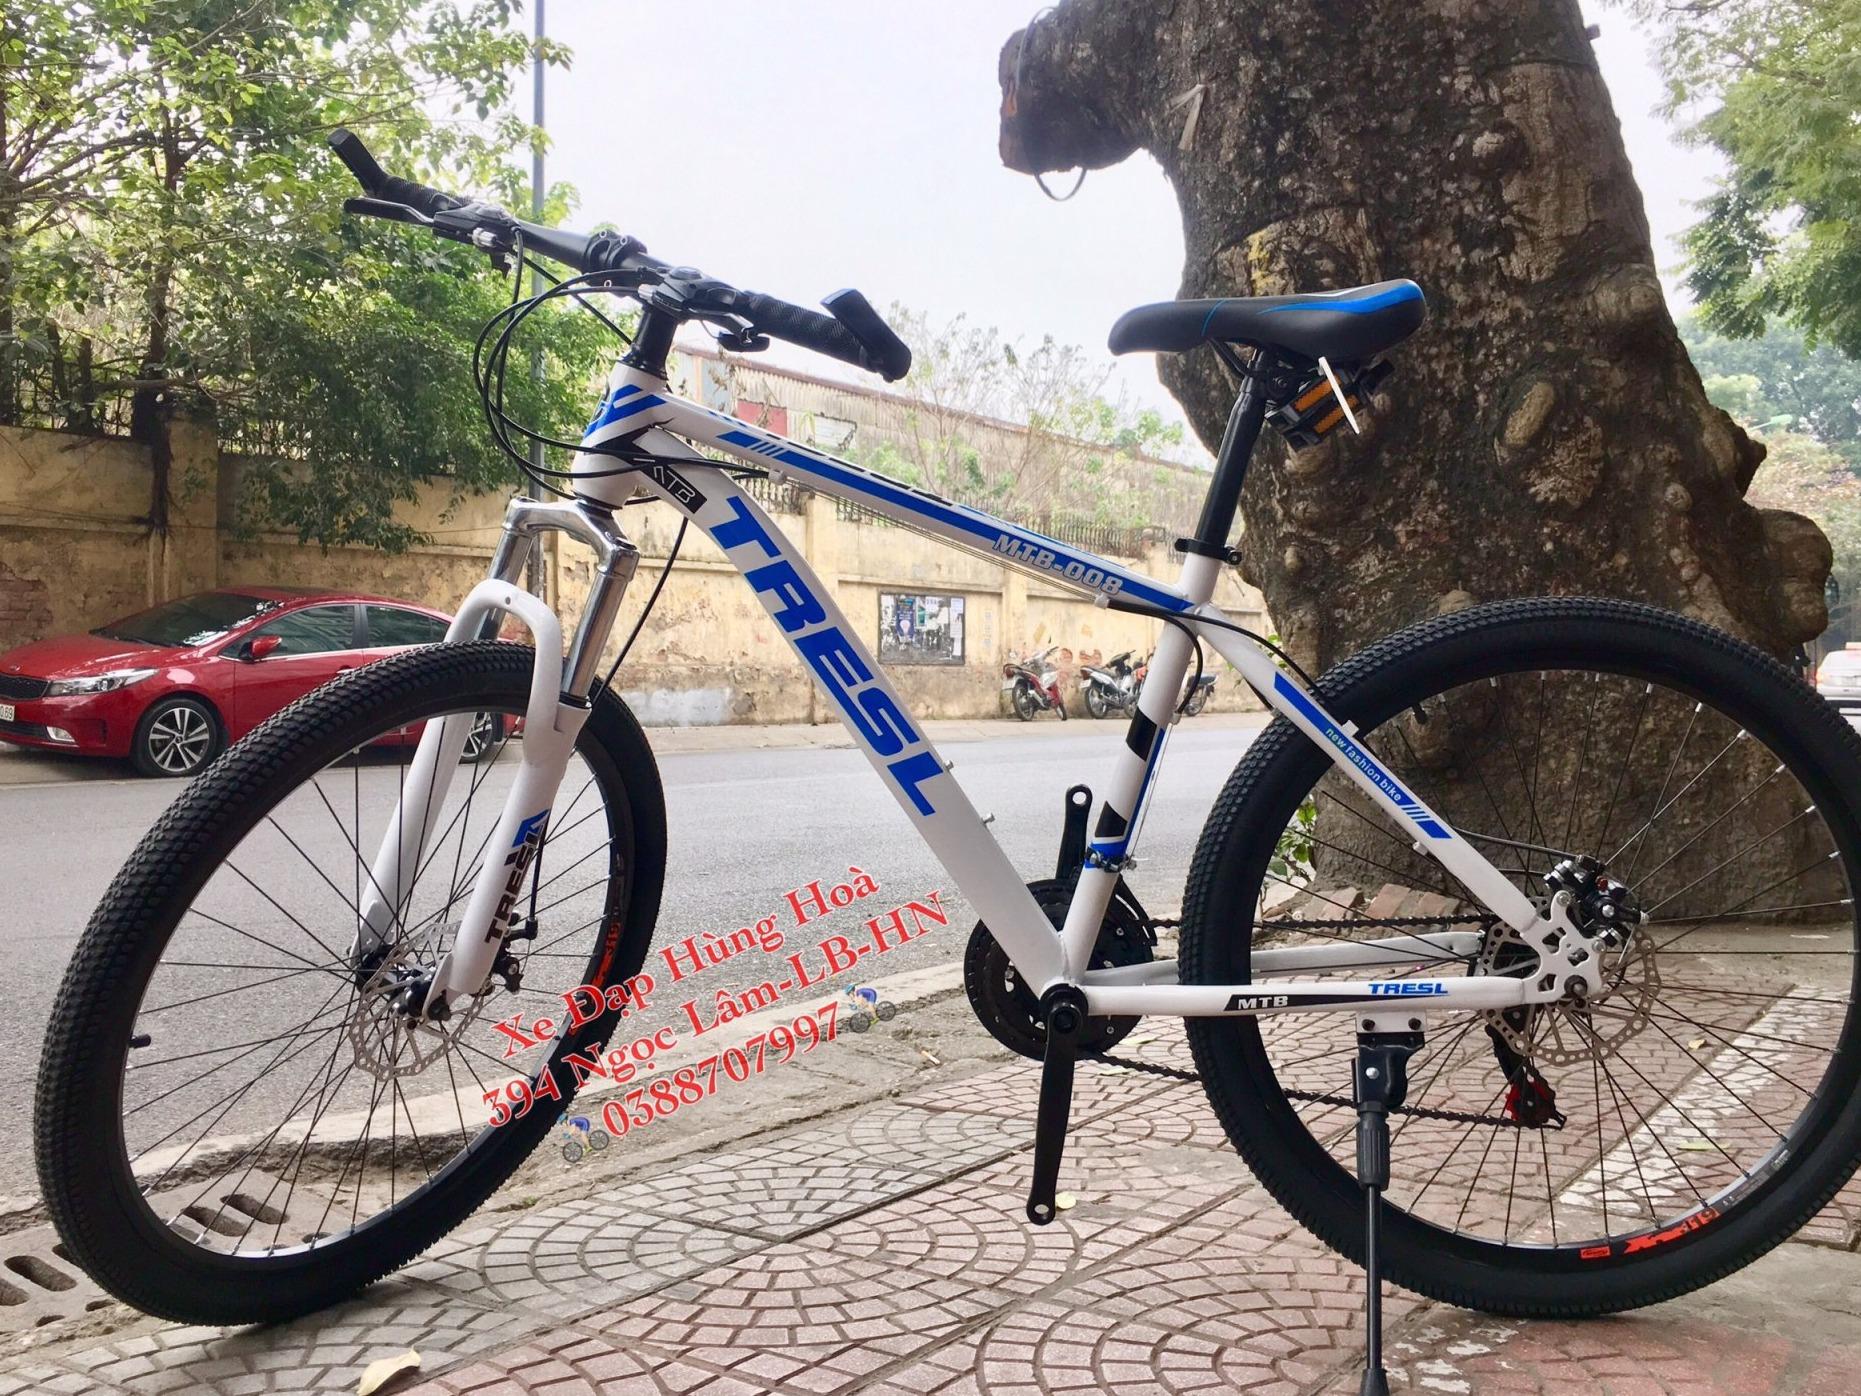 Mua Xe đạp thể thao Tresl